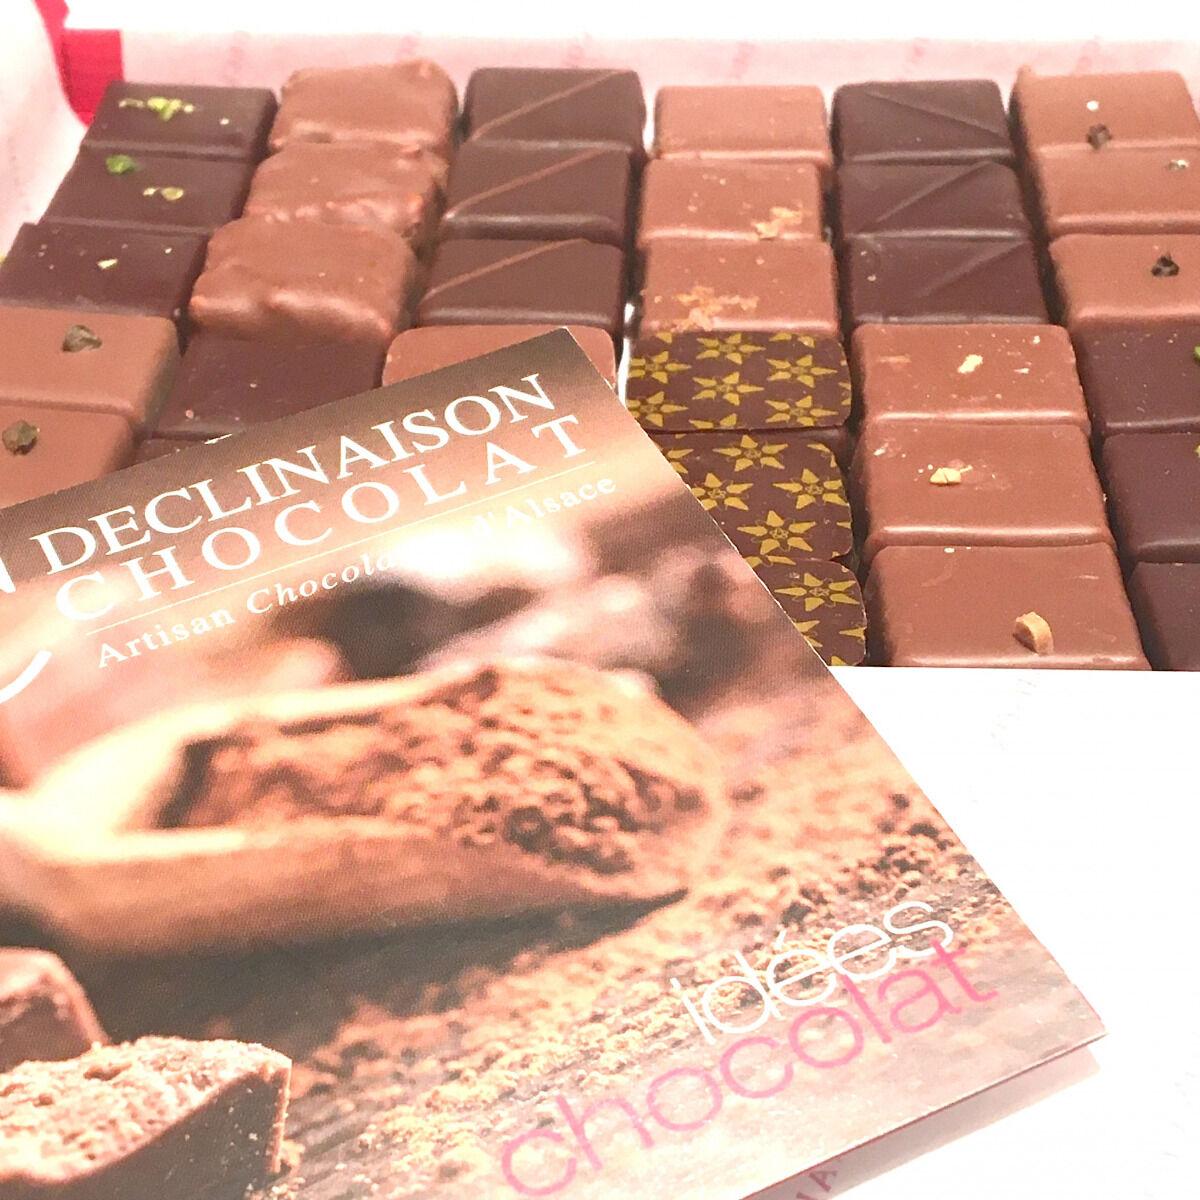 Déclinaison Chocolat Coffret 36 Chocolats